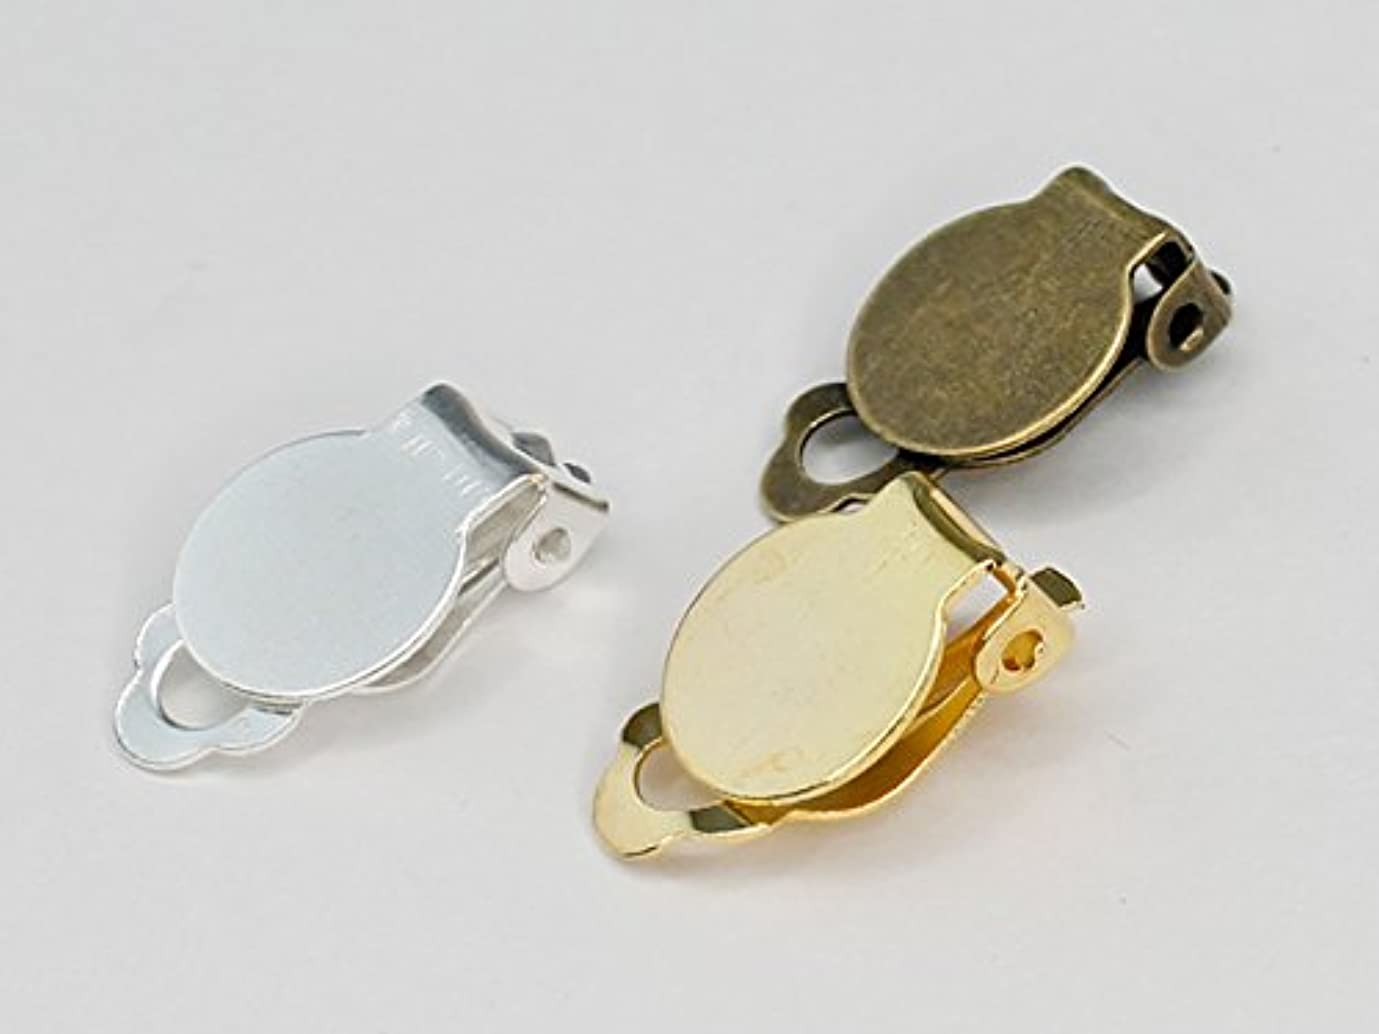 入植者裏切り者正午[デコ素材]小さいクリップ(シューズクリップにも) 3カラー 1個 デコ土台/デコ/スワロフスキー ゴールド